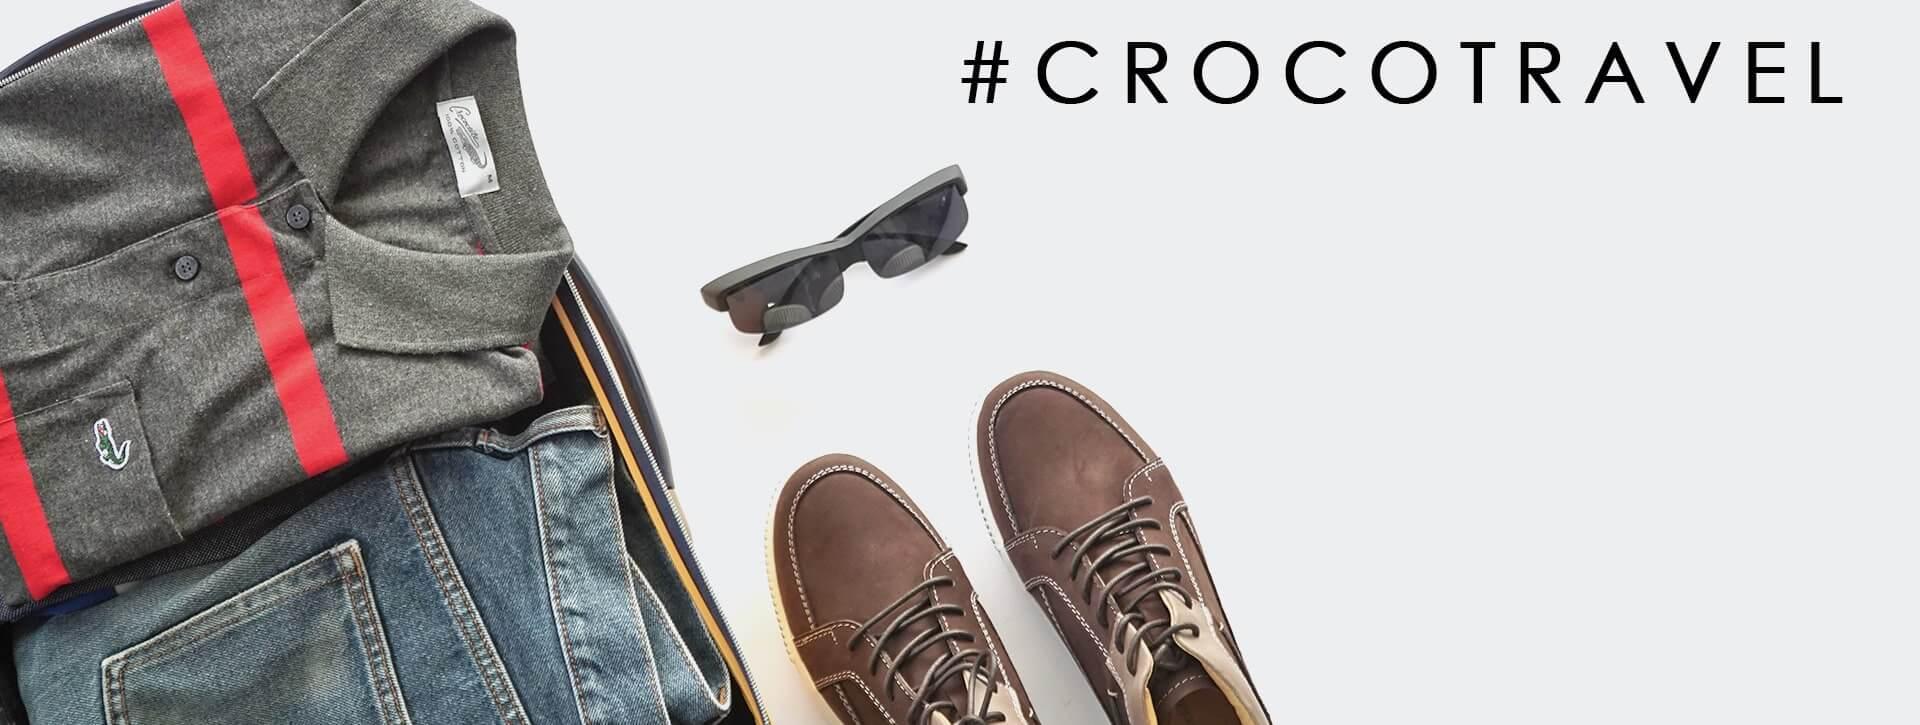 Crocotravel